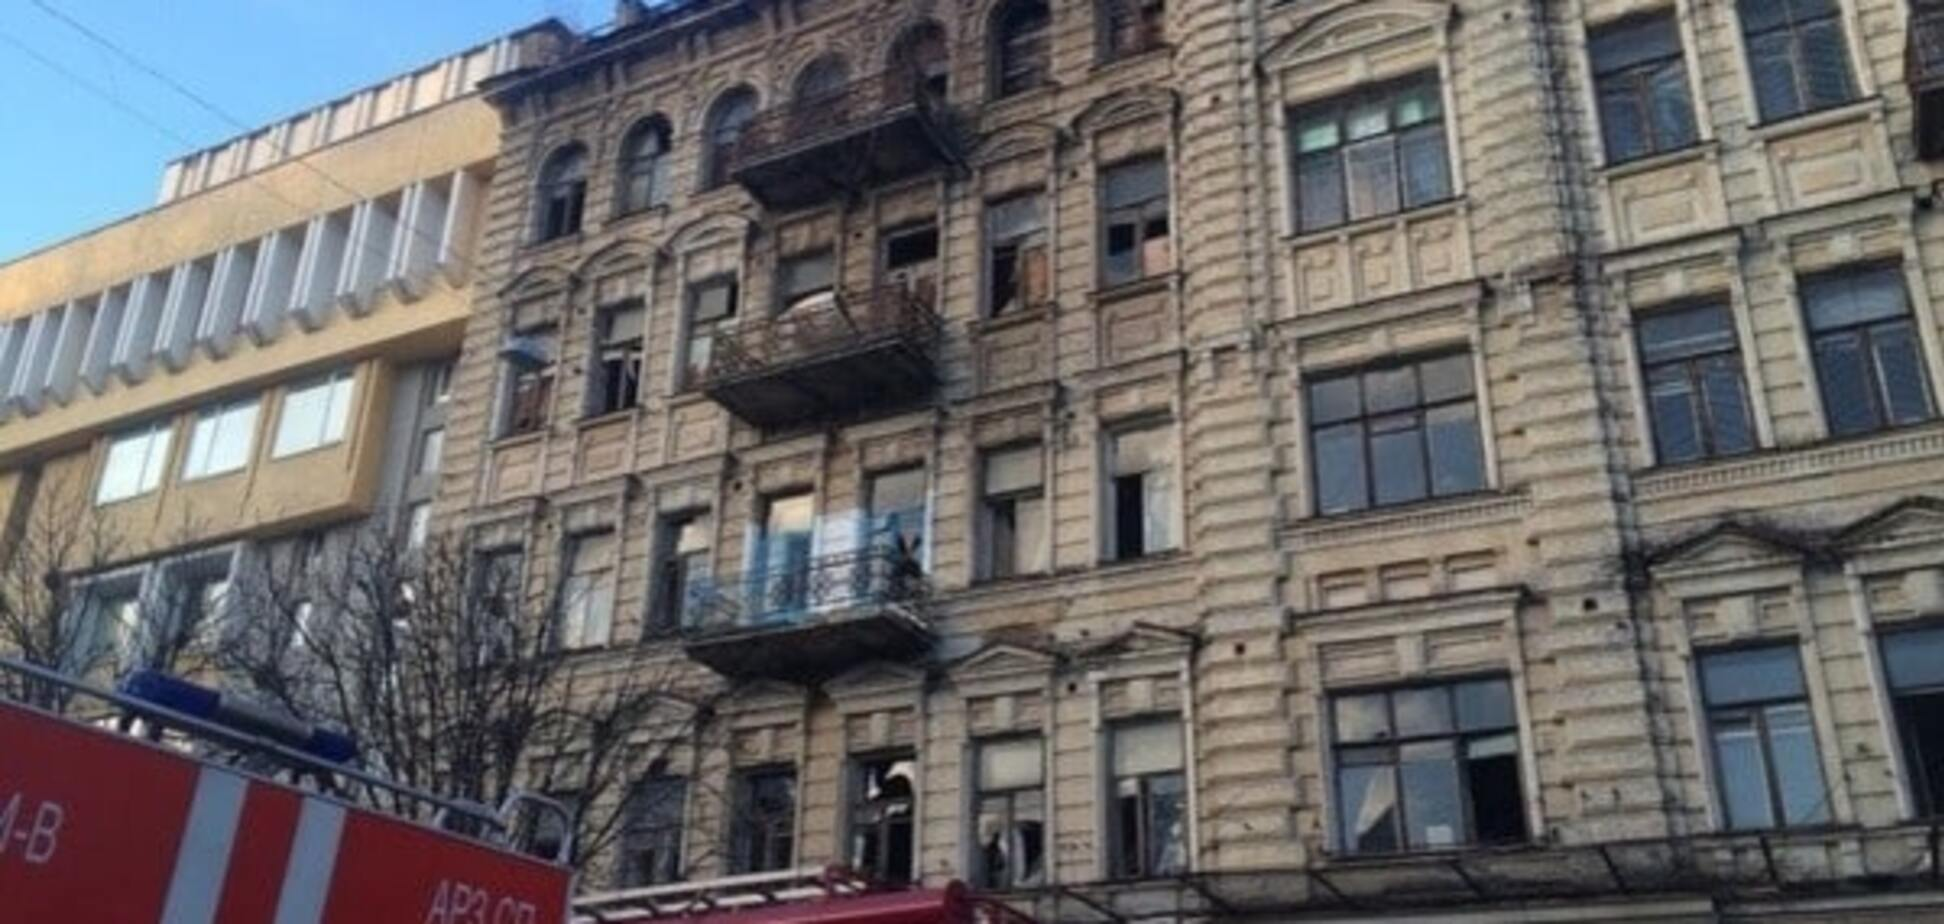 Обвалення будинку в Києві: в КМДА розповіли про небезпечний фасад